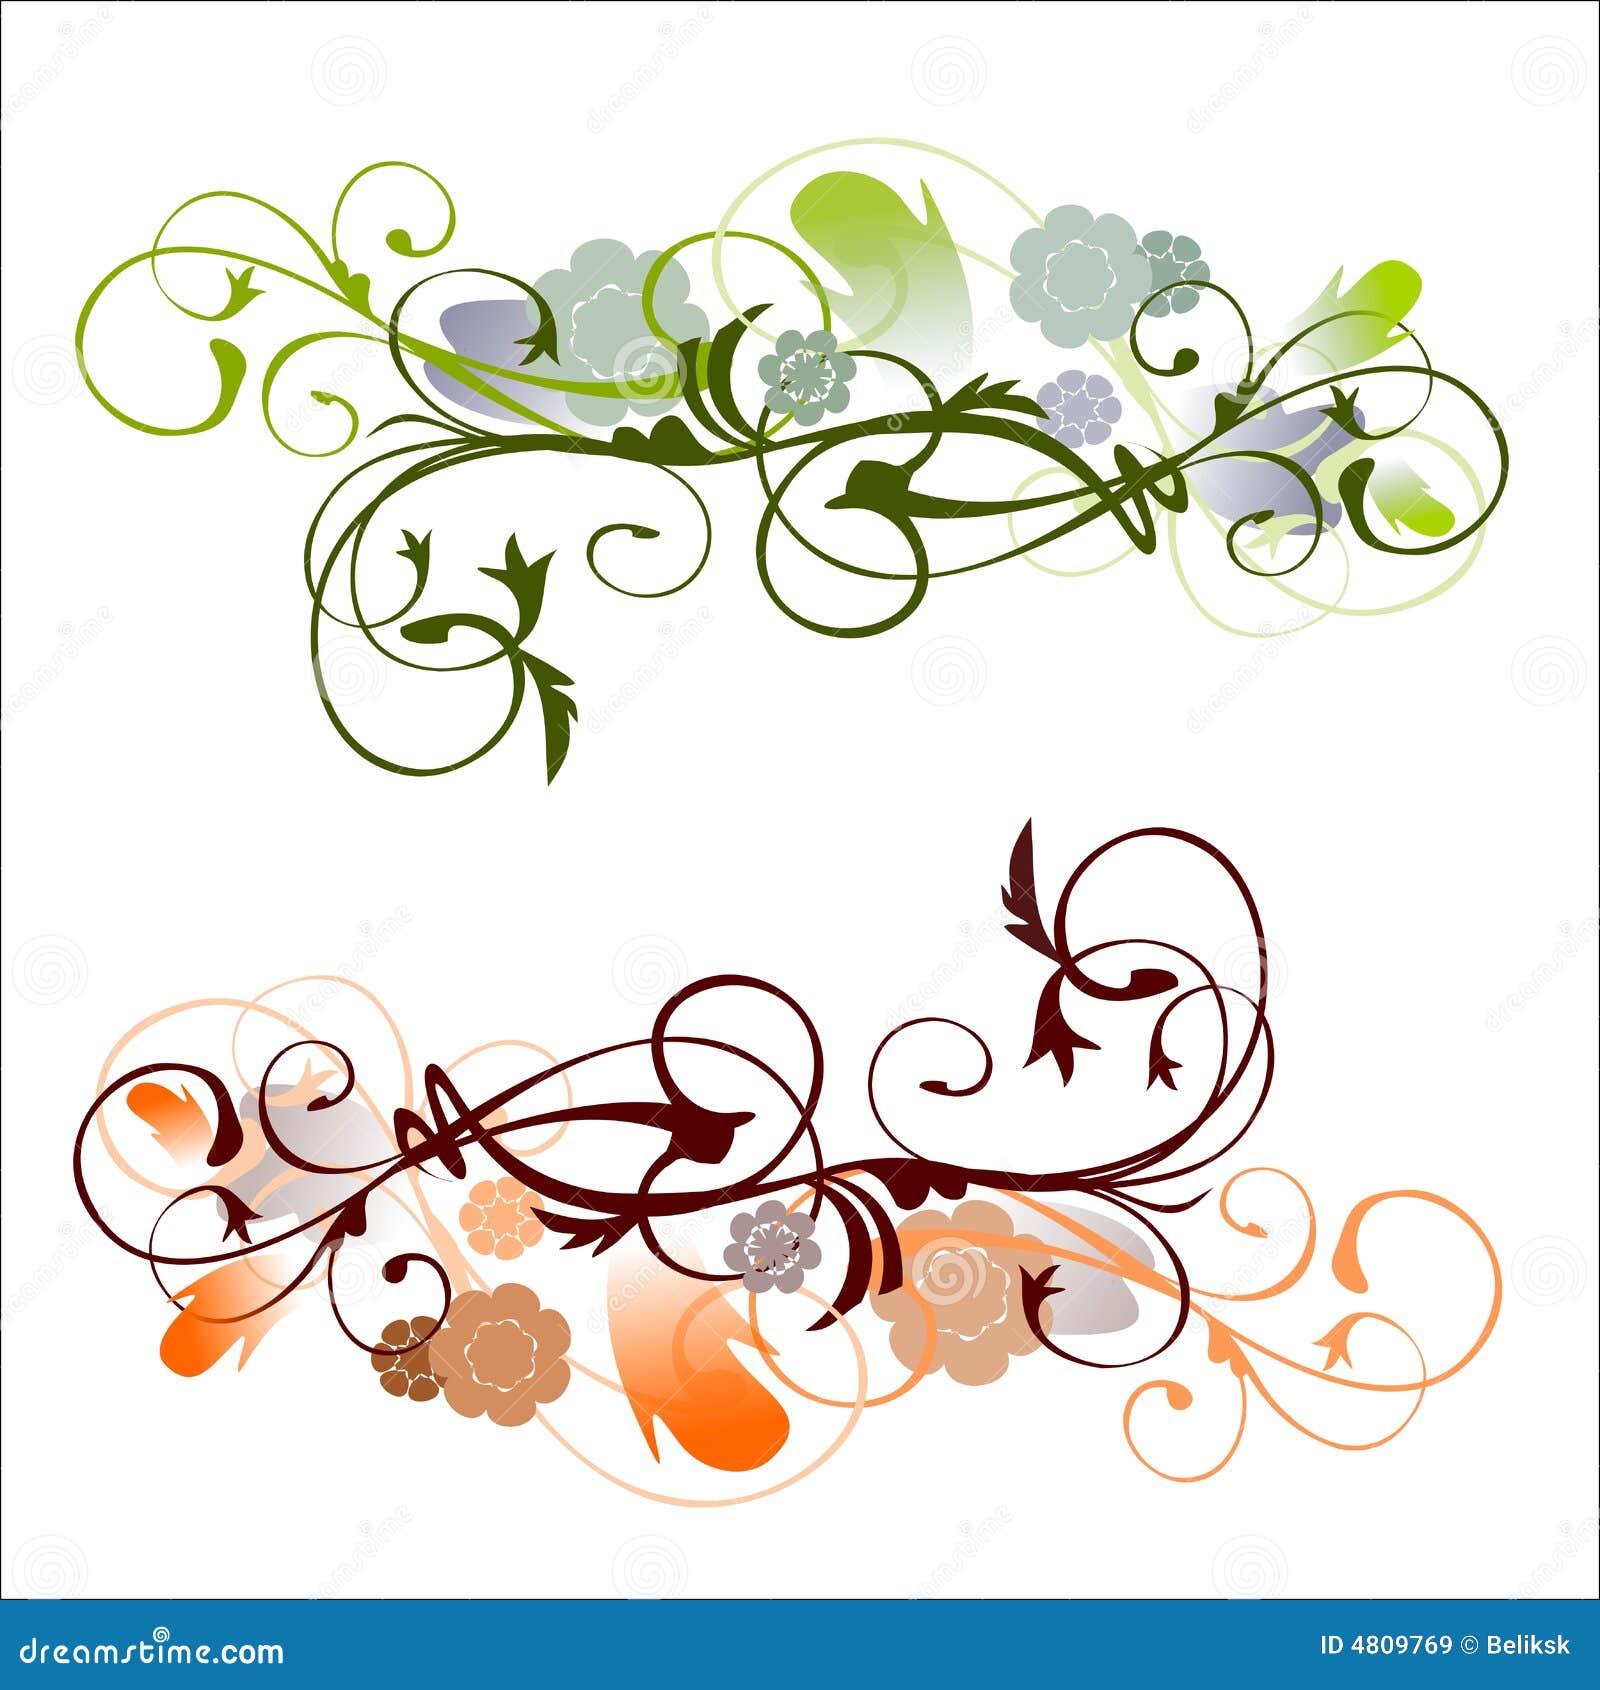 Ornamenti di vecchio stile illustrazione vettoriale for Piani di fattoria vecchio stile